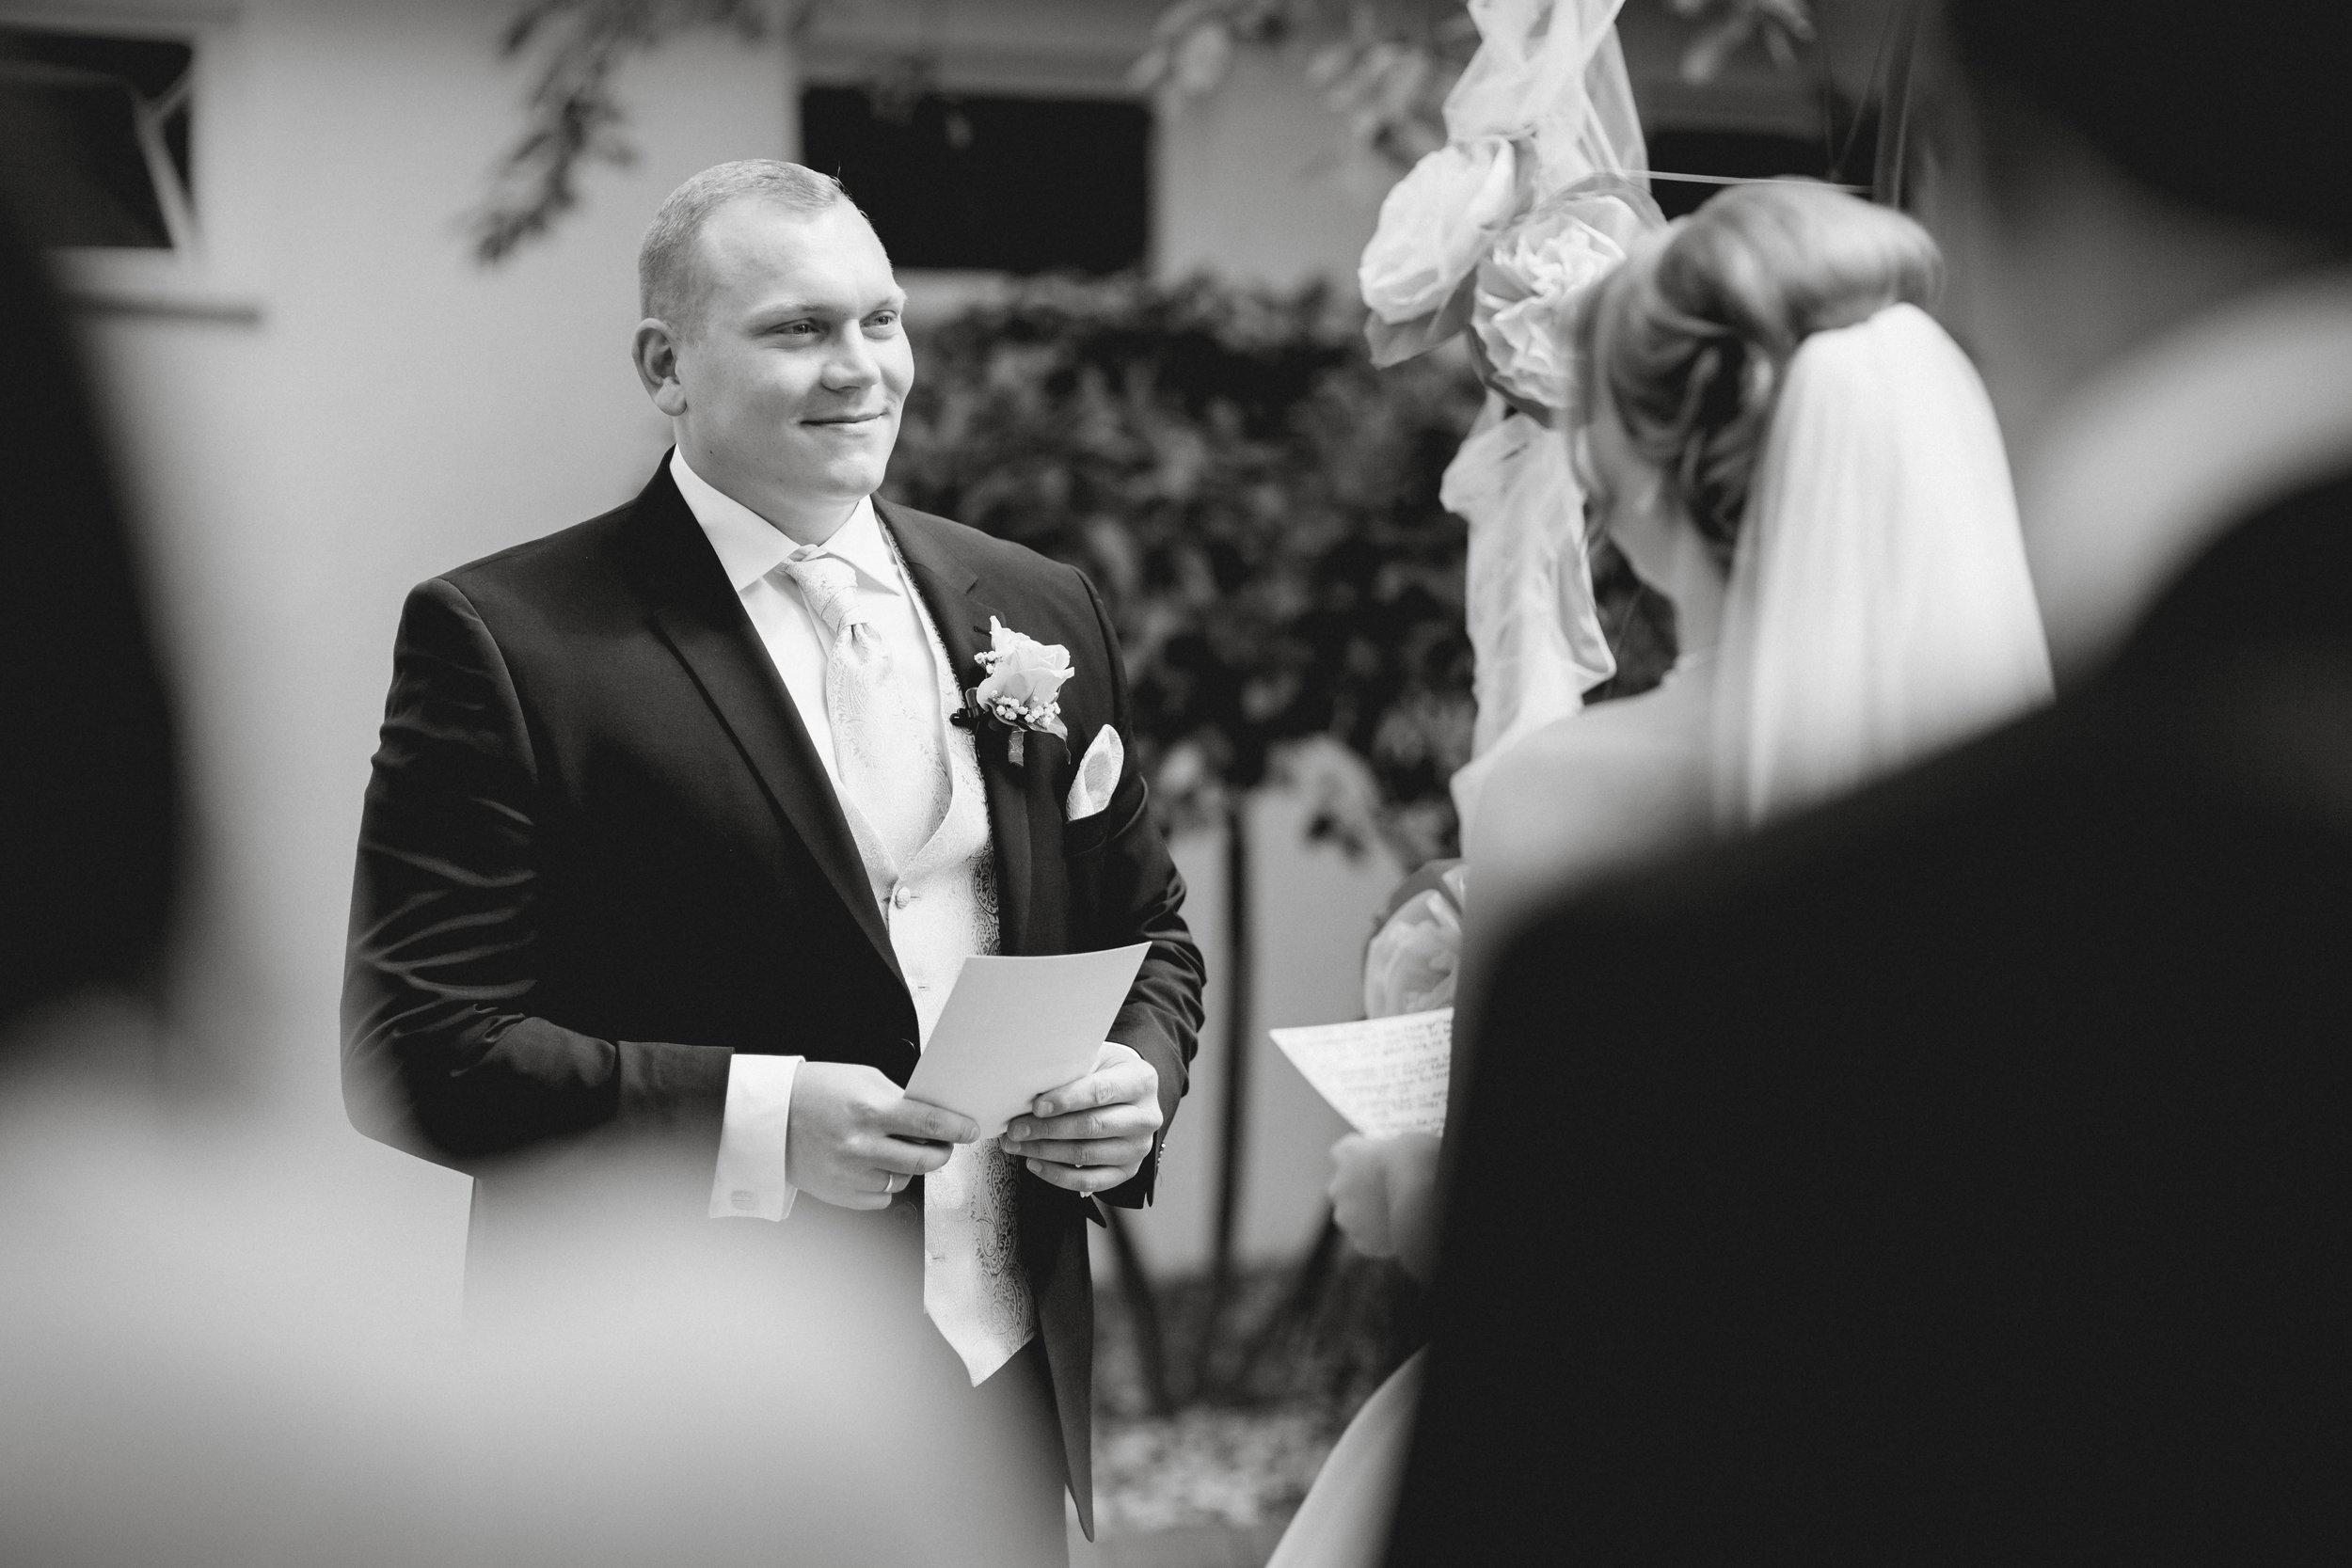 Hochzeit_184sw.jpg